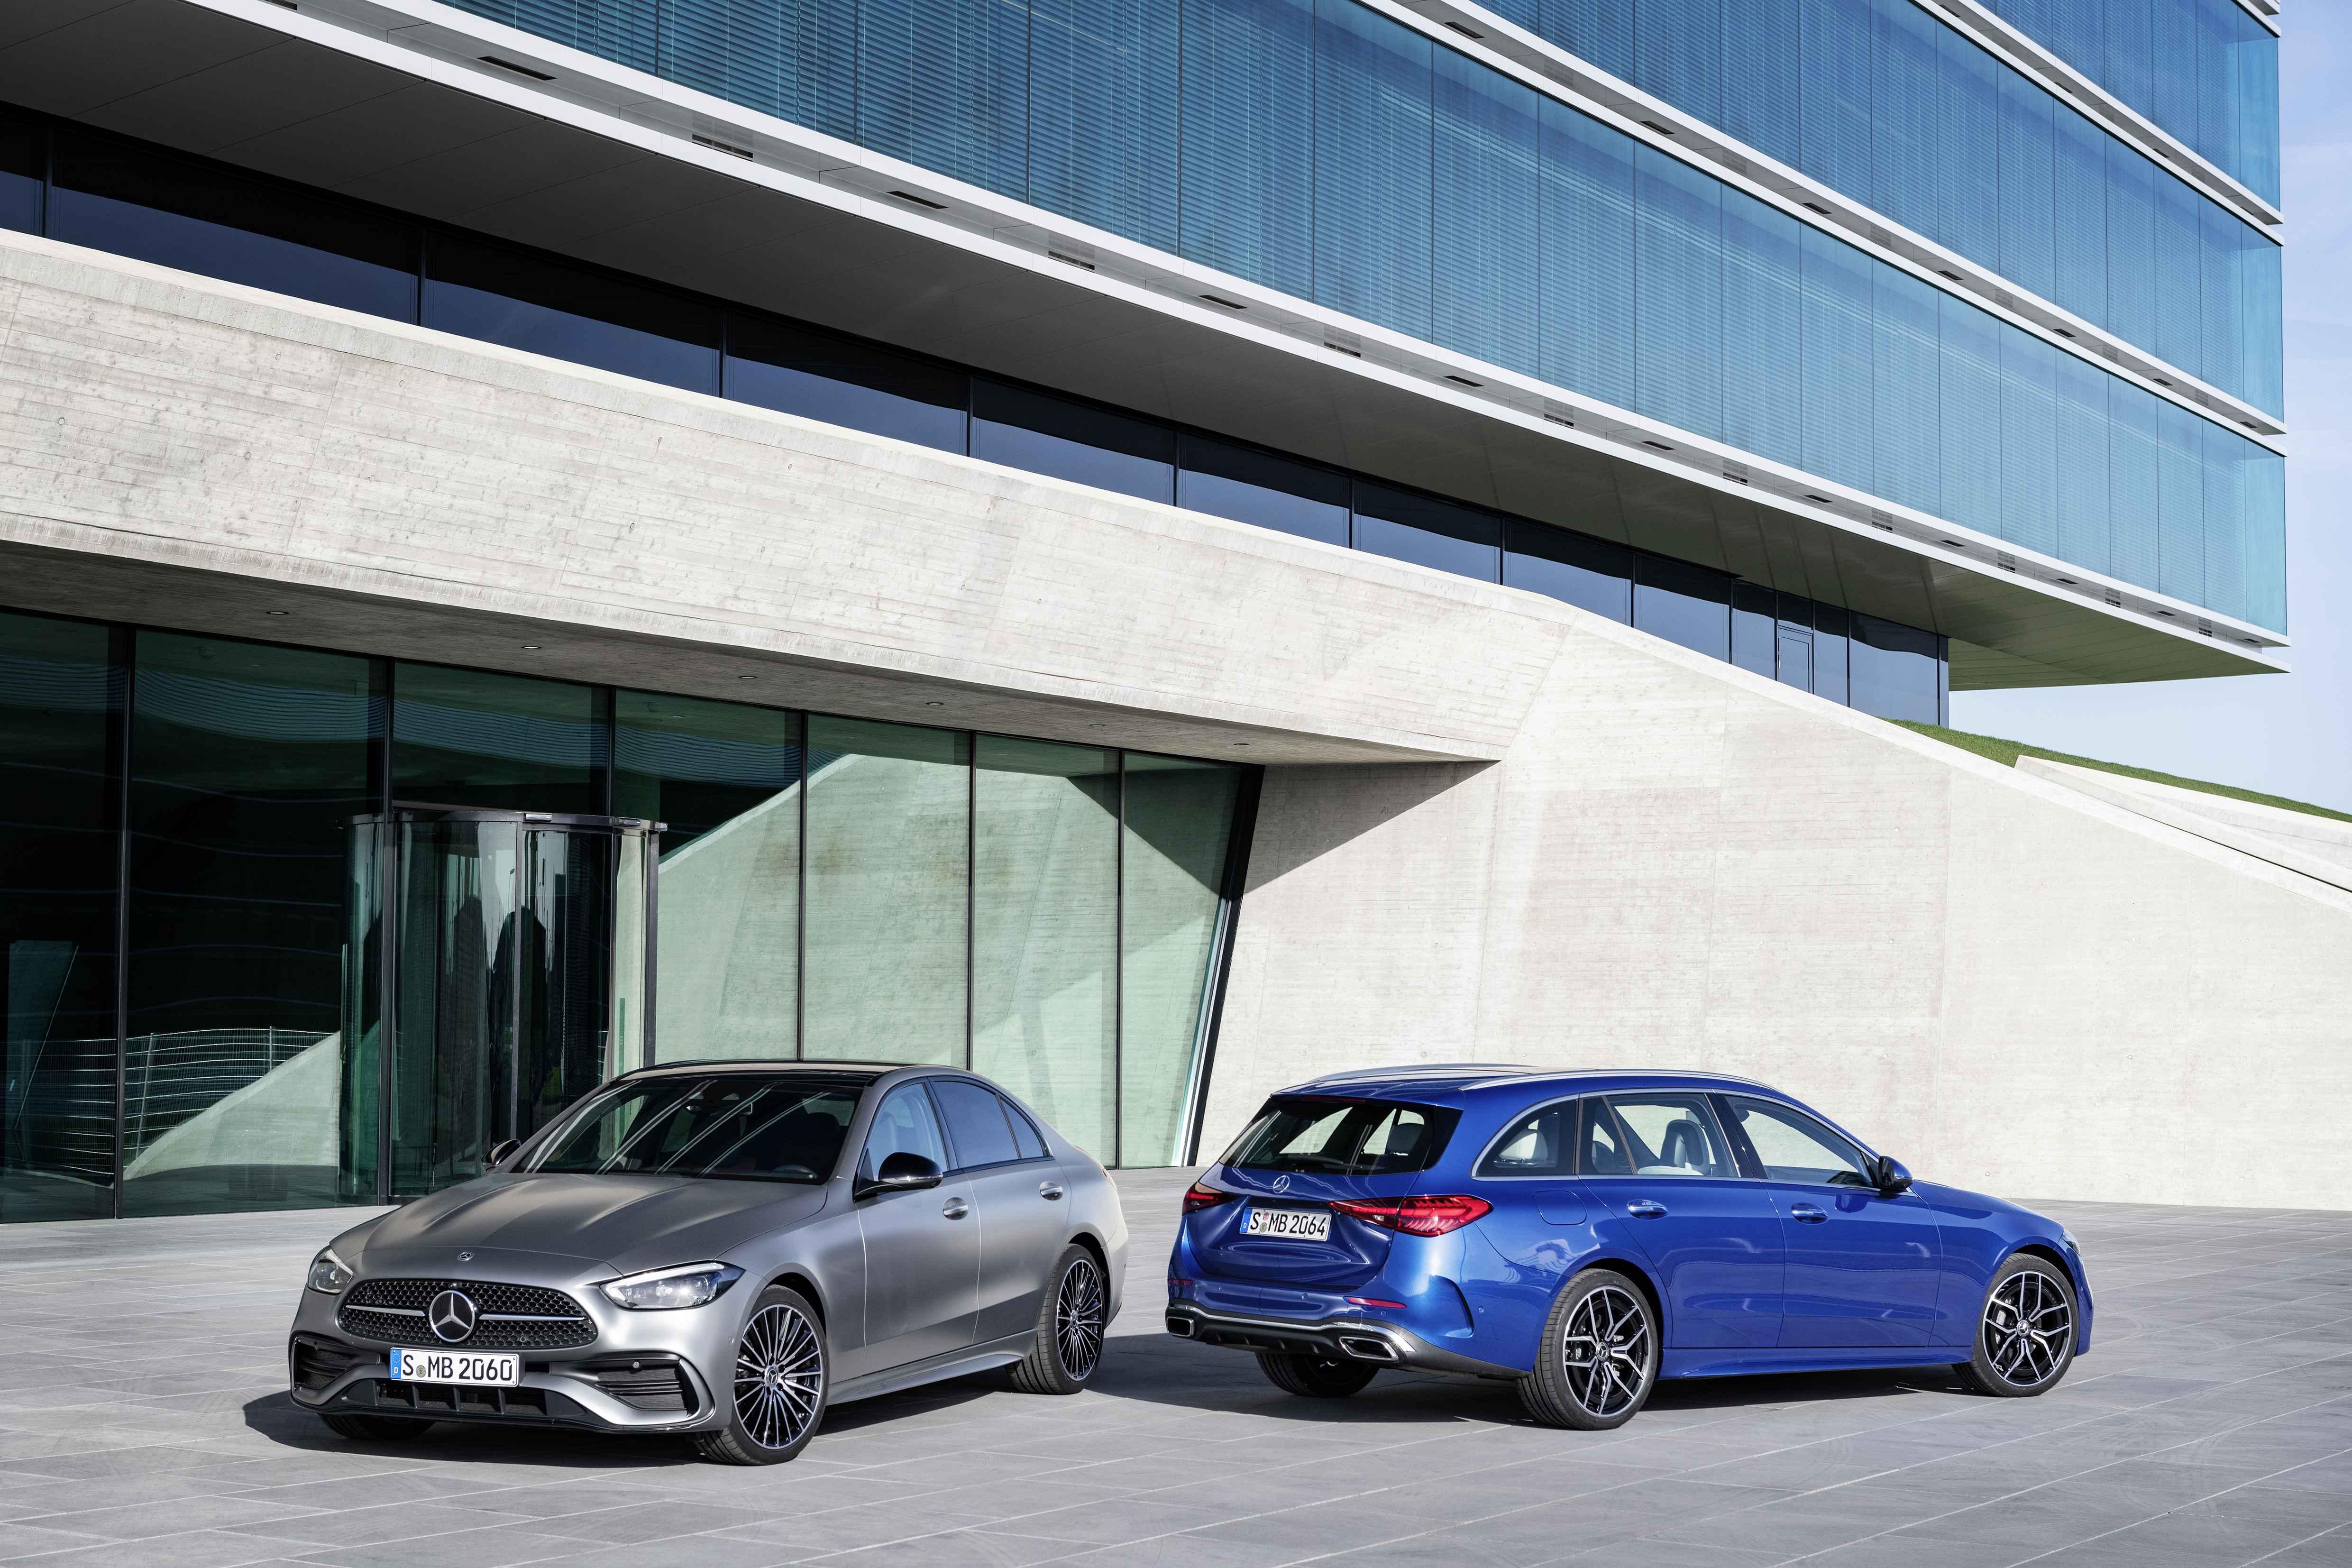 德国杯赛程-全新奔驰C级车型发布 实现全系电气化驱动